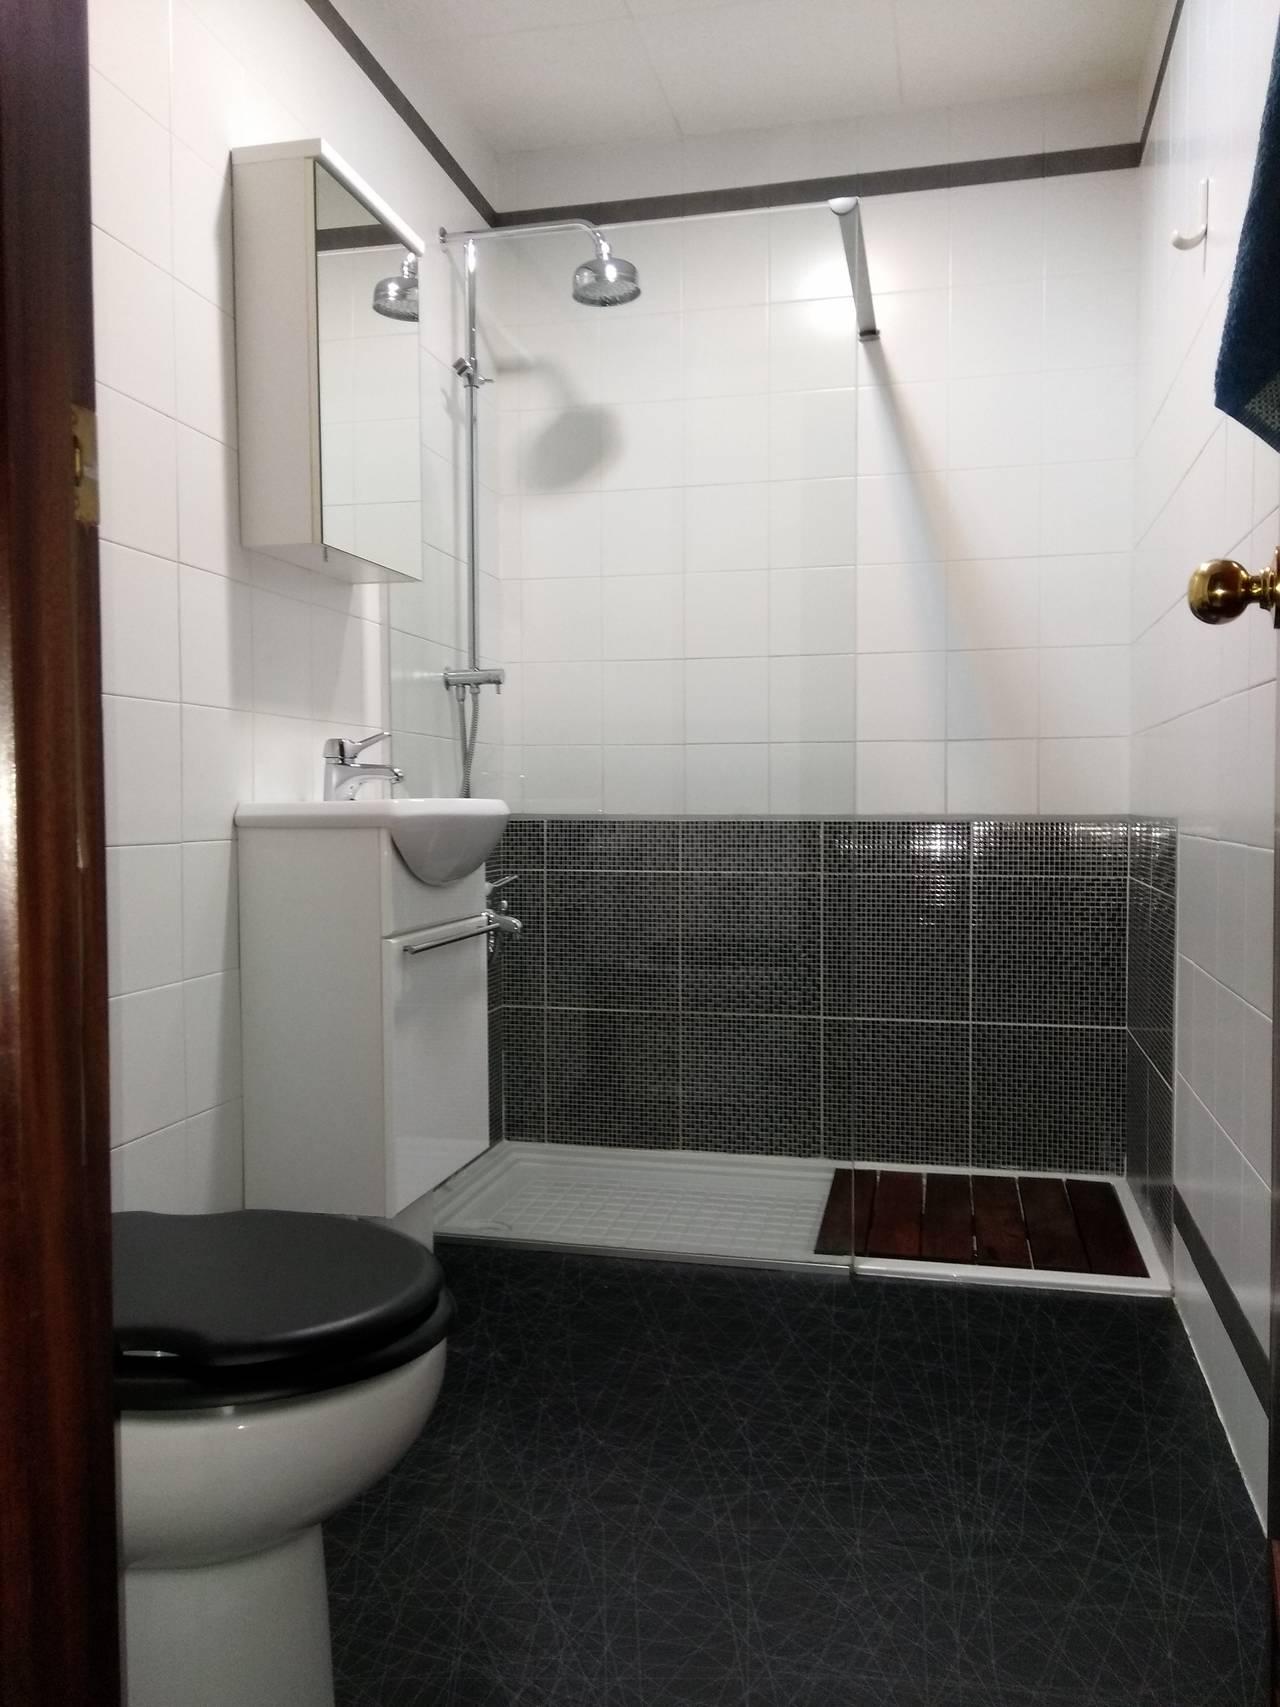 Habitación con baño propio.  - Foto 3